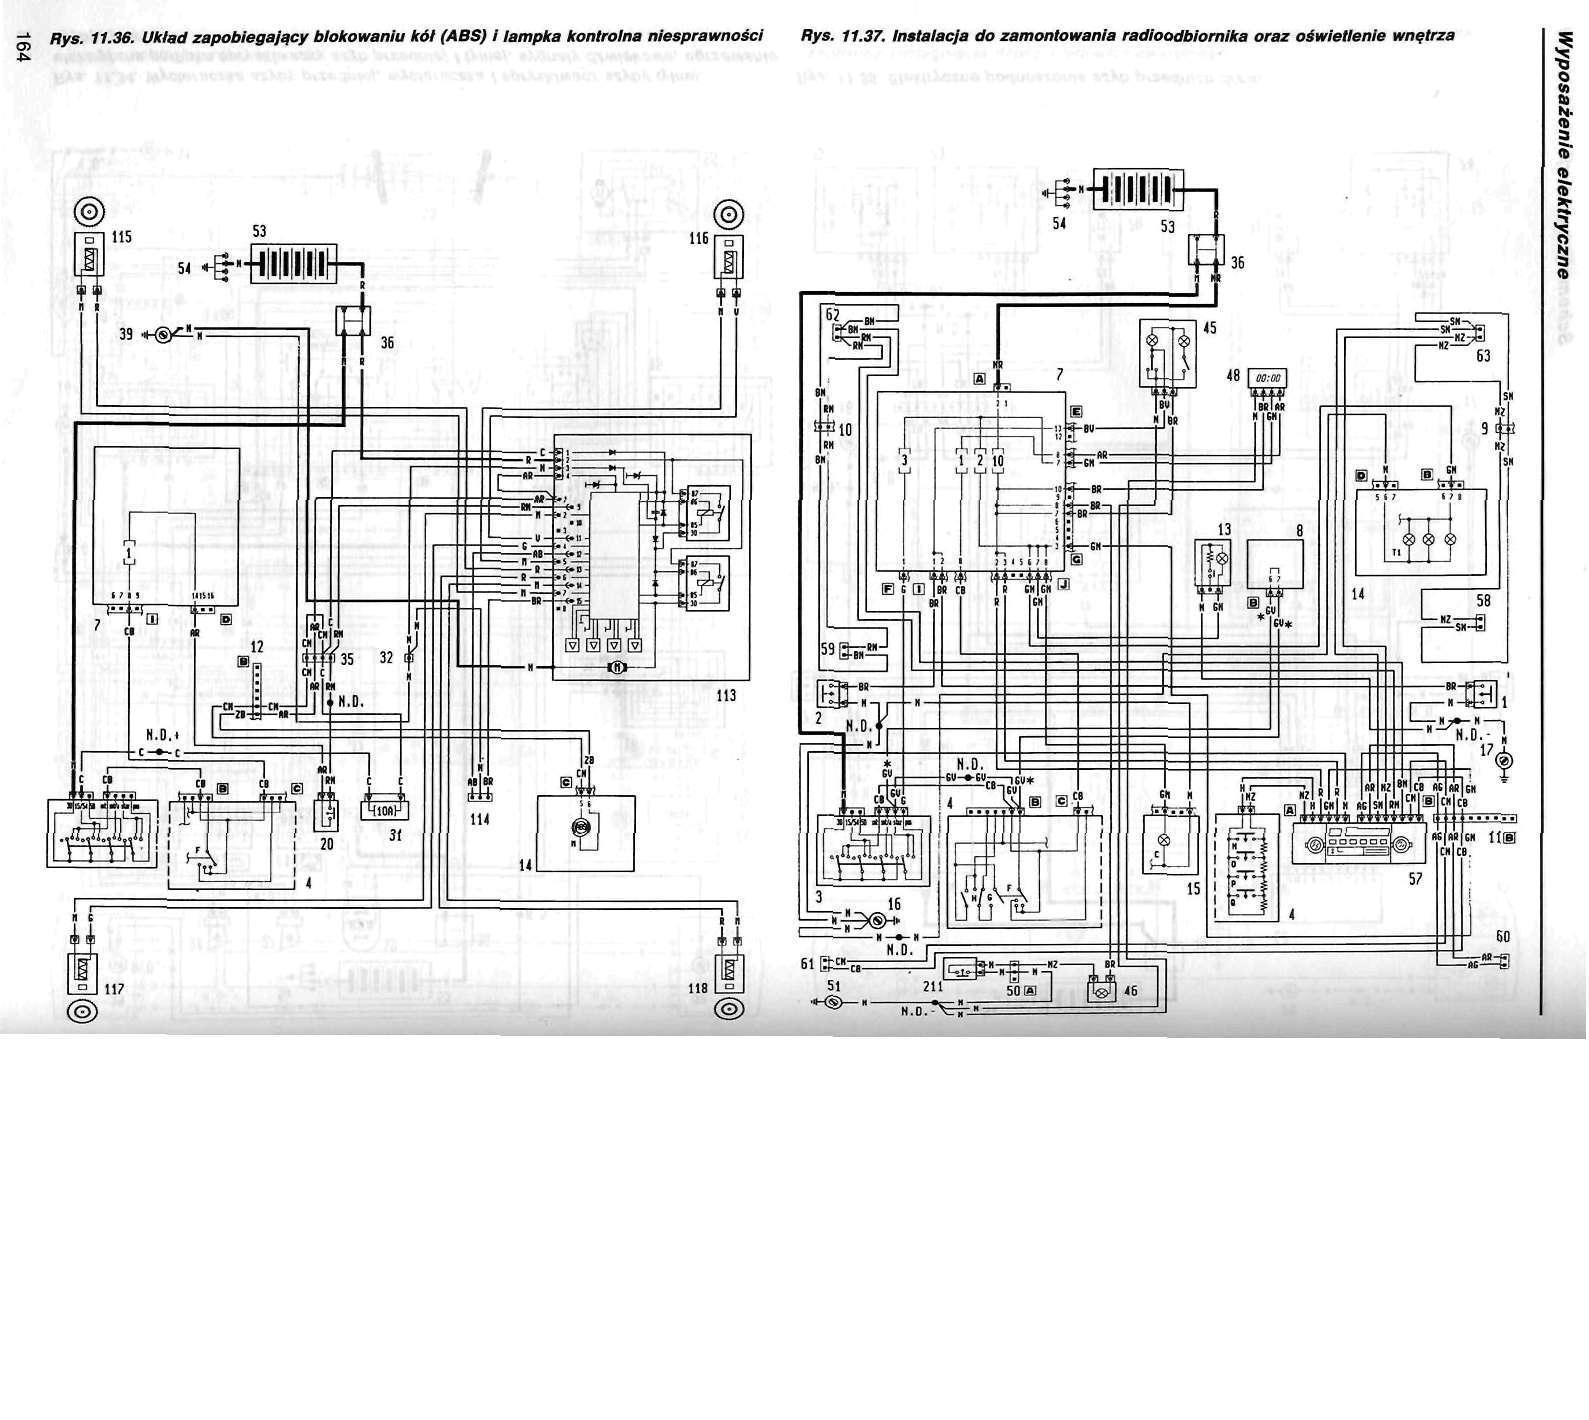 Click image for larger version  Name:PuntoMk1 Wiring 5.jpg Views:1533 Size:260.4 KB ID:68985